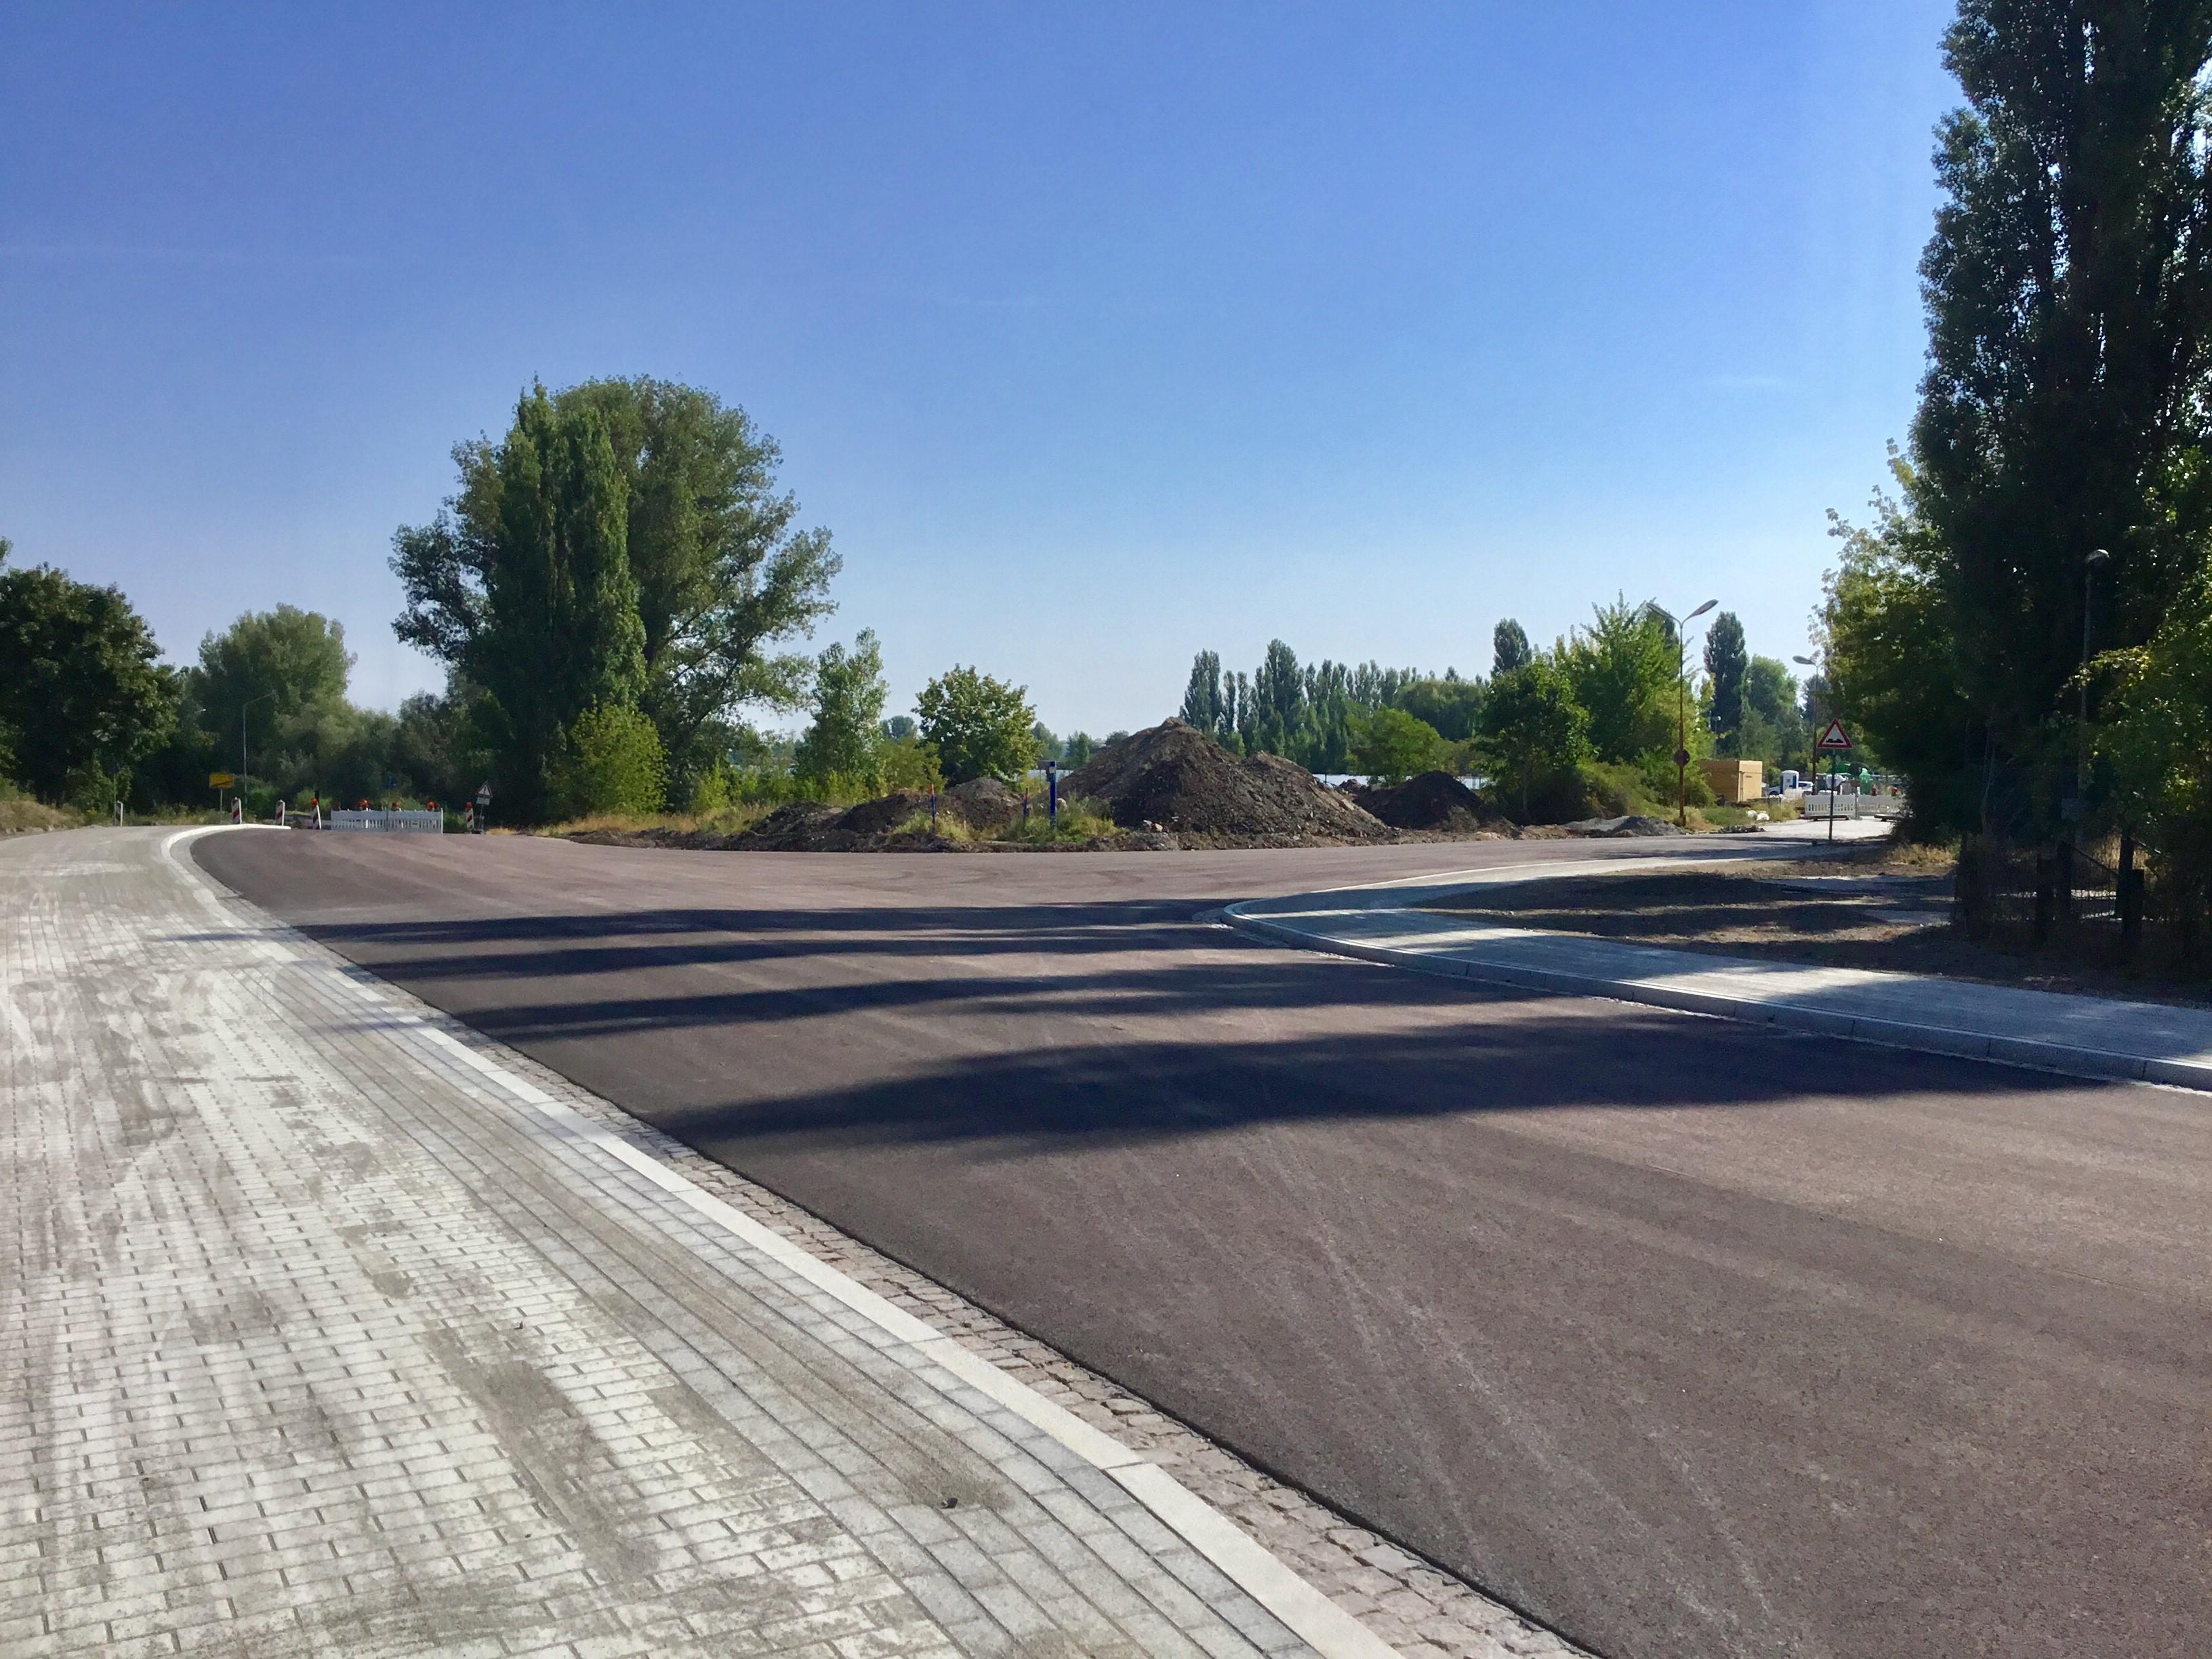 Der neu gestaltete Kreuzungsbereich Barbyer Straße / Ringstraße (Zufahrt zum Industriepark Calbe) wird ab August freigegeben. Verkehrsteilnehmer aus und in Richtung Barby müssen sich bis Oktober auf Umleitungen einstellen.